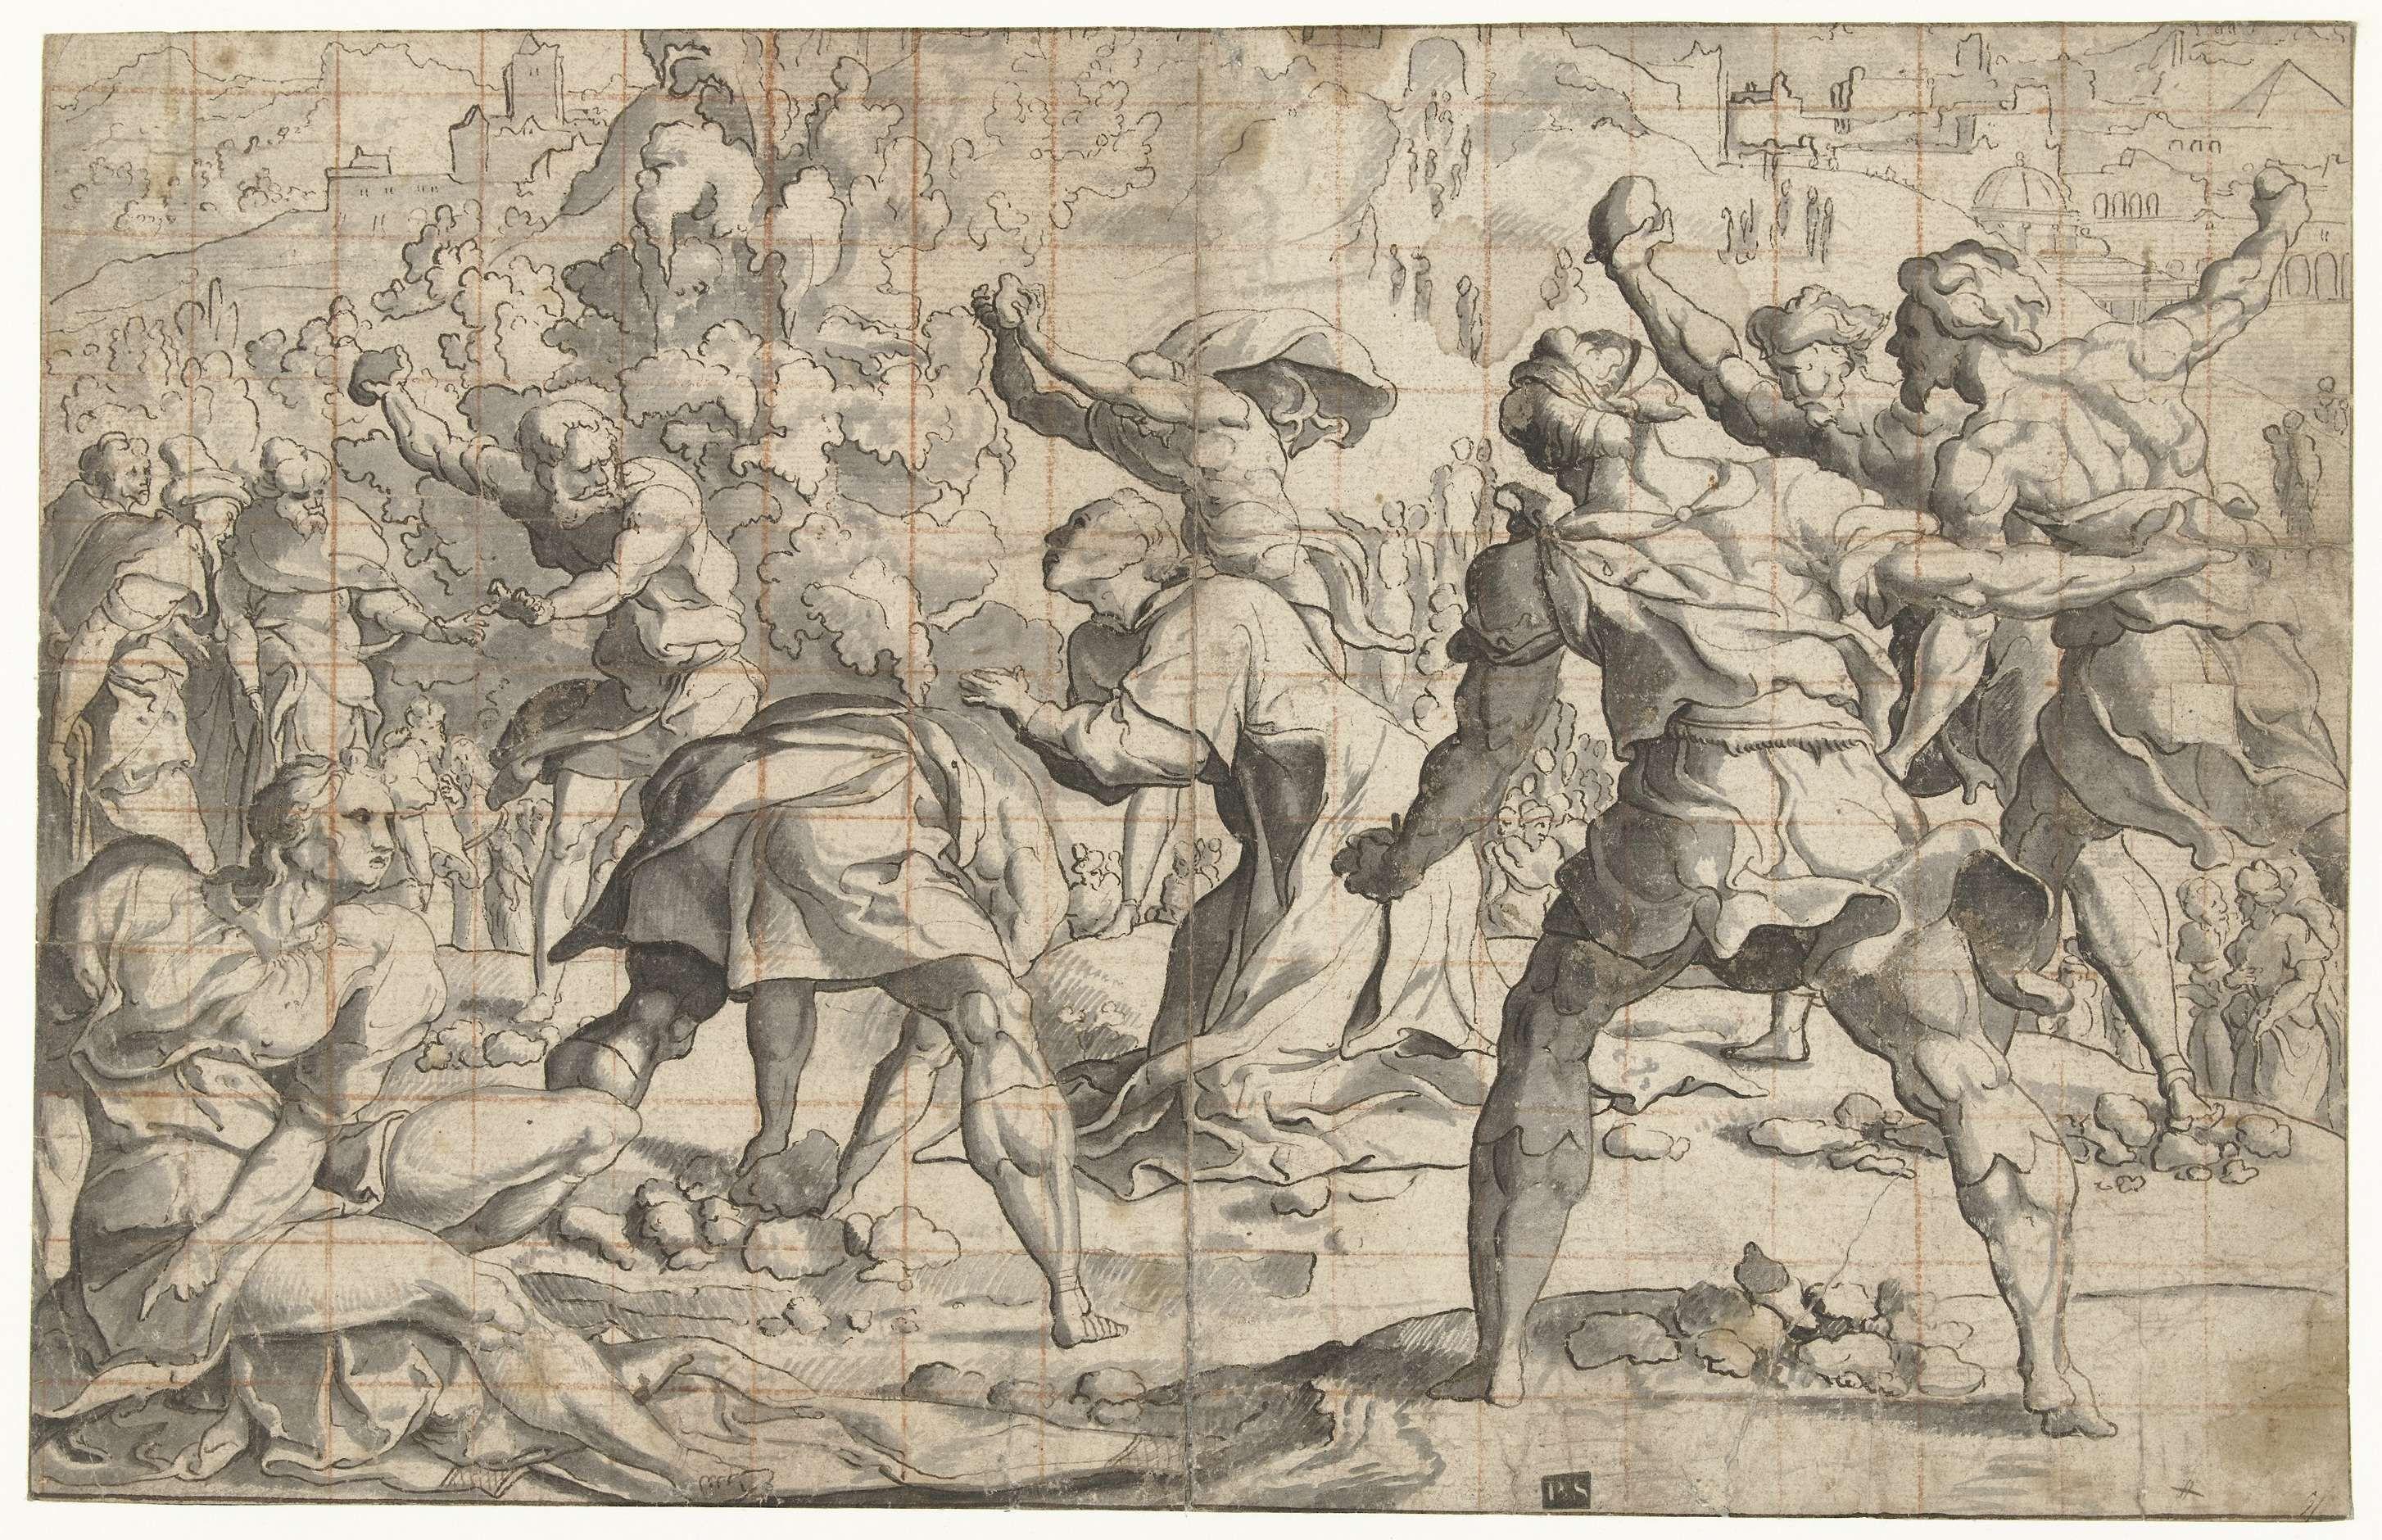 Steniging Van Stephanus Jan Van Scorel 1505 Before 1541